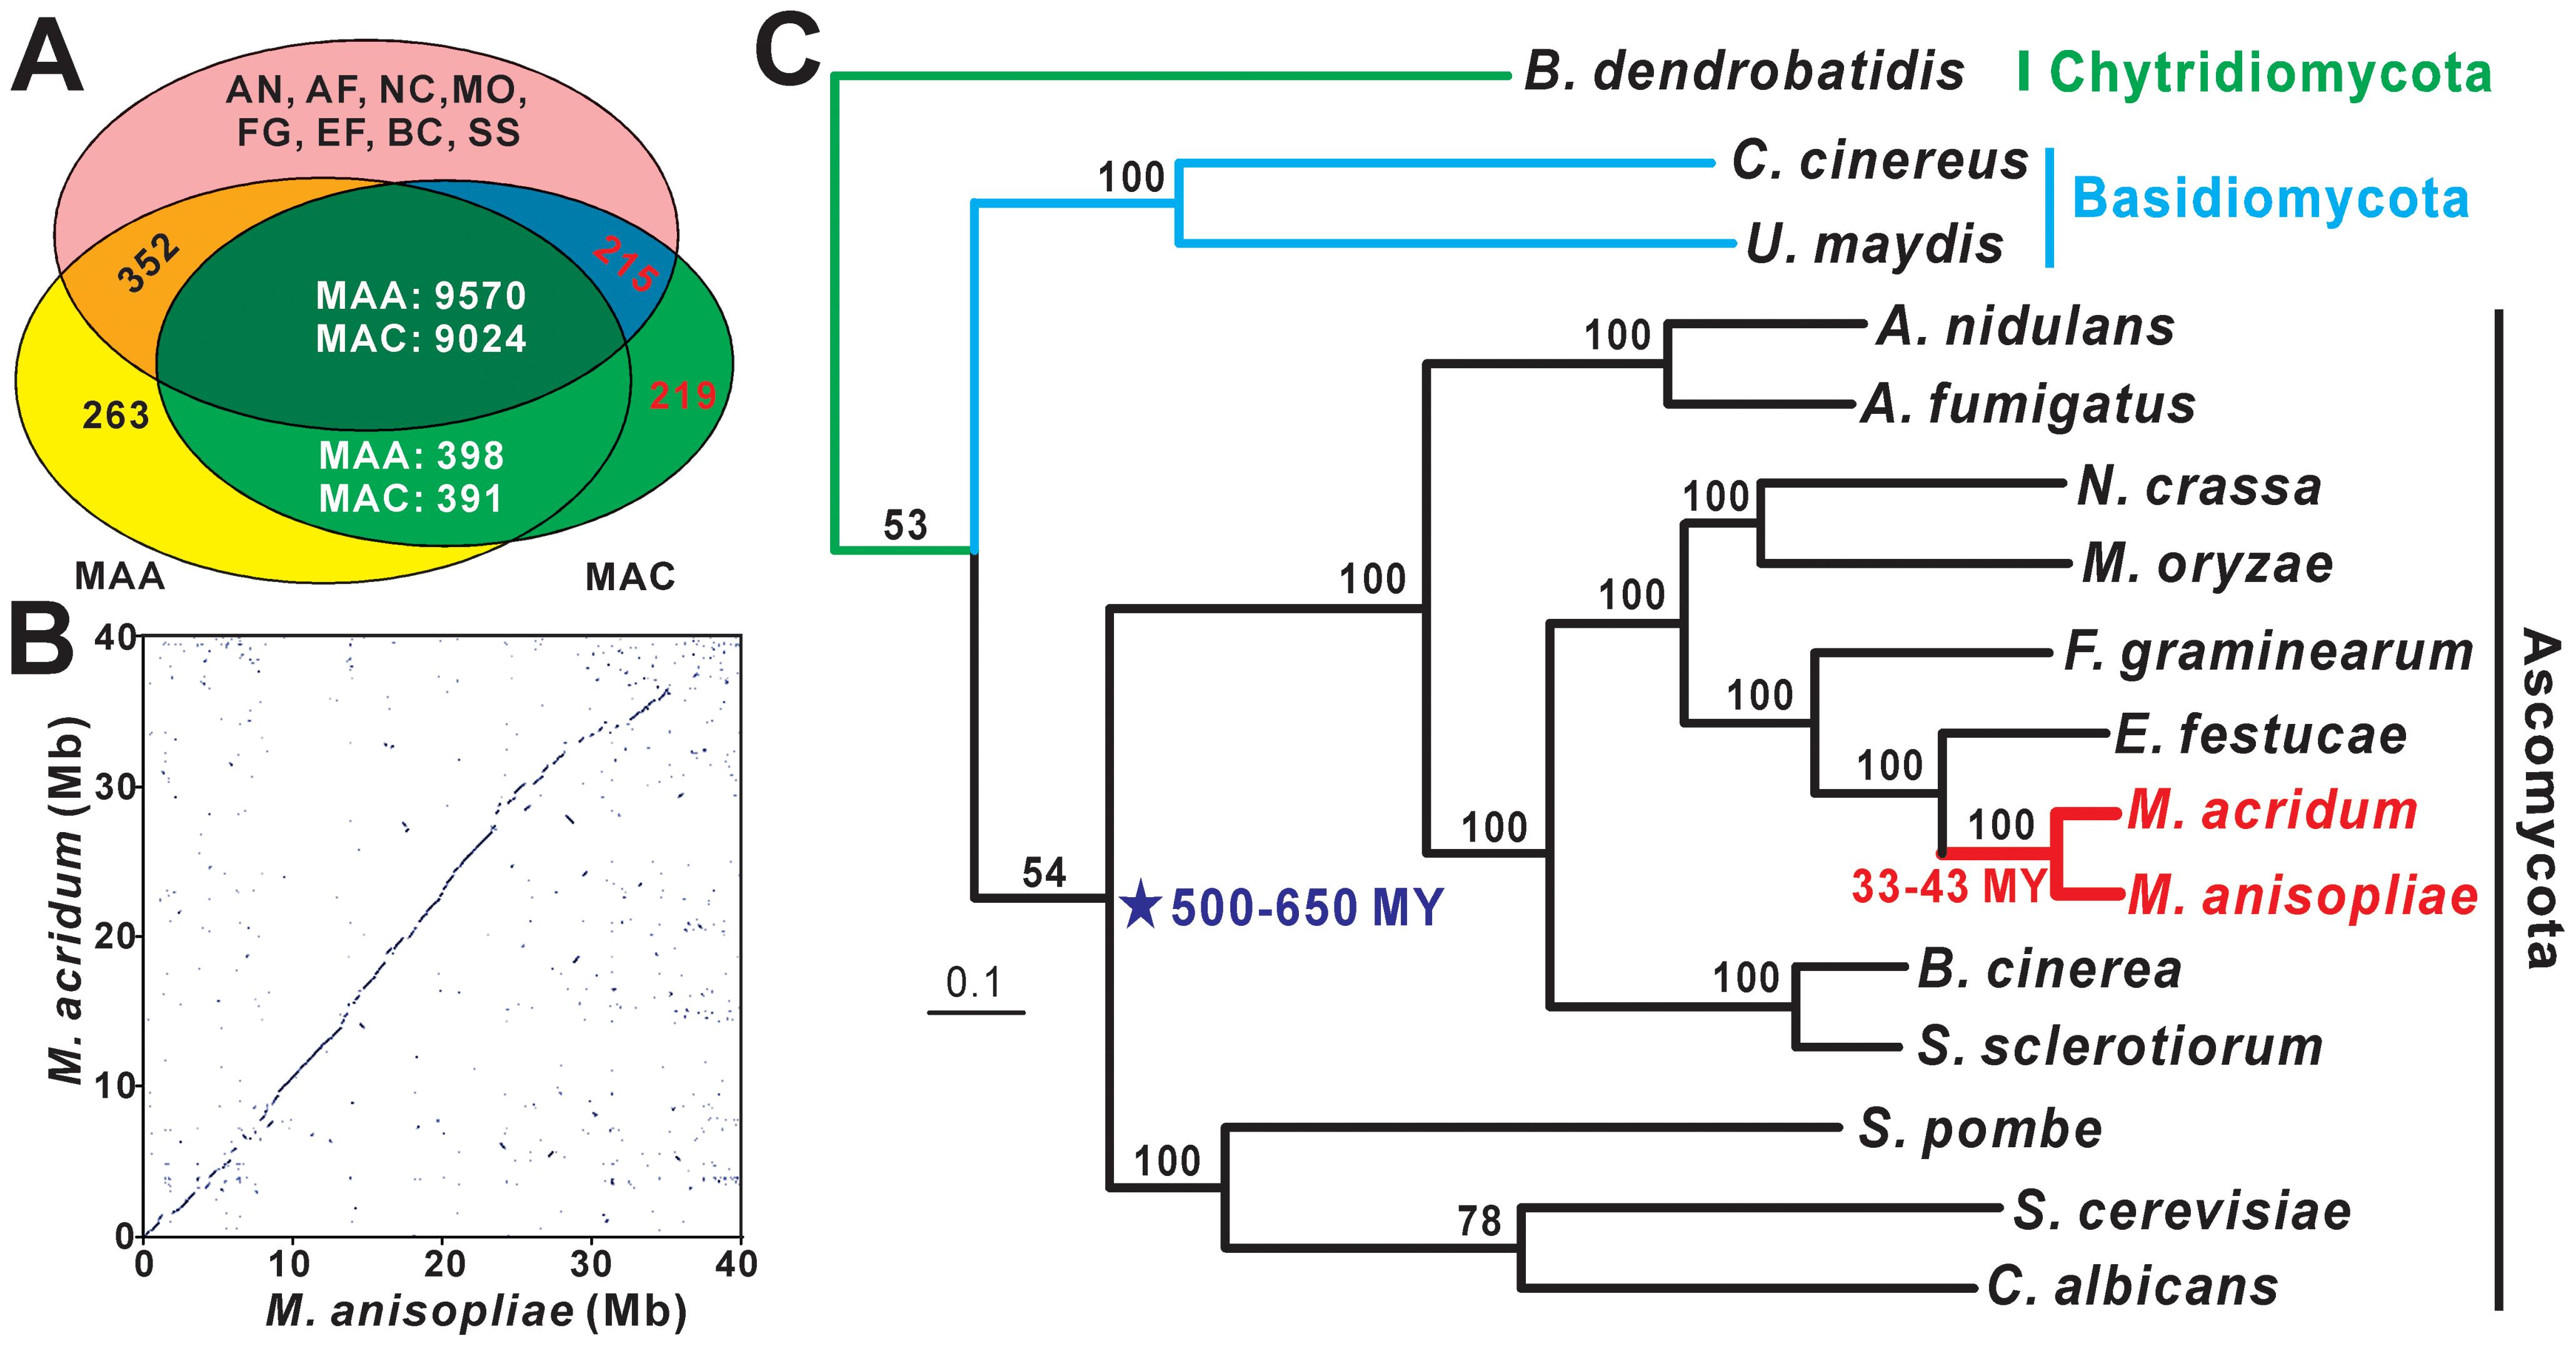 Homology, syntenic, and phylogenomic relationships of <i>M. anisopliae</i> and <i>M. acridum</i>.